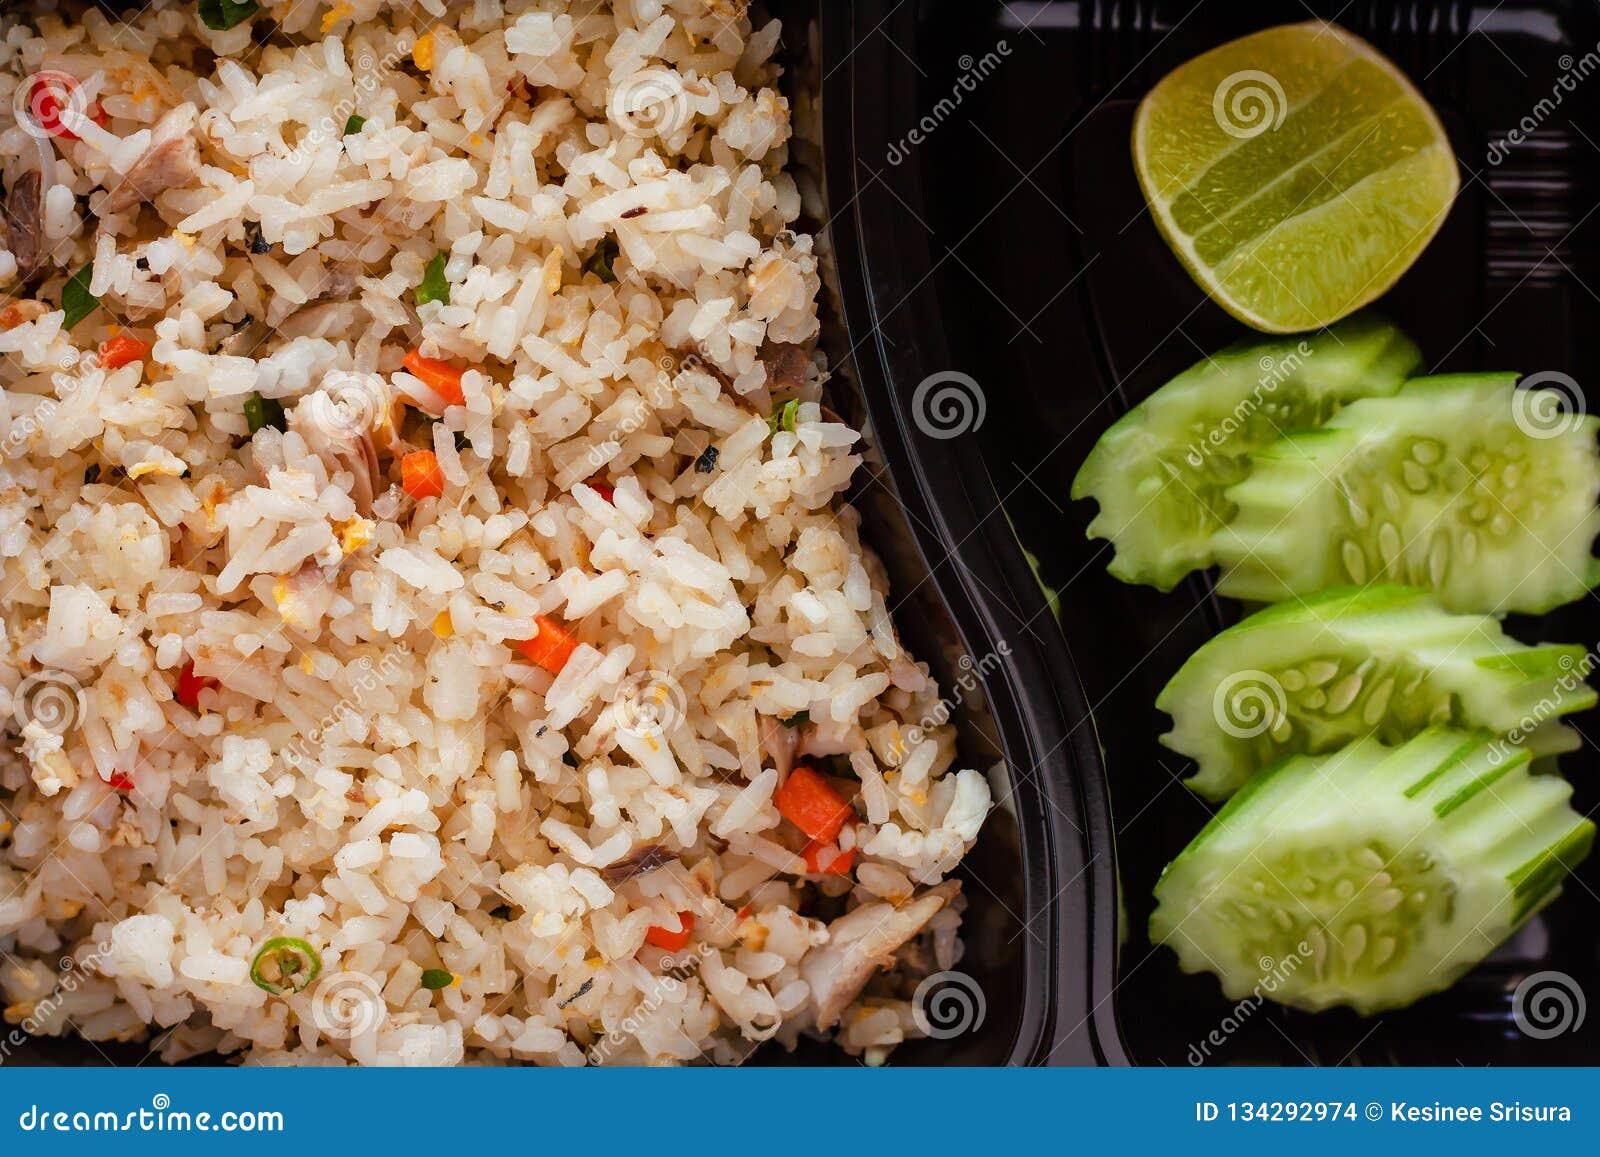 Zamyka w górę wyśmienicie smażących ryż z ogórkiem i cytryną na stronie w lunchu pudełku